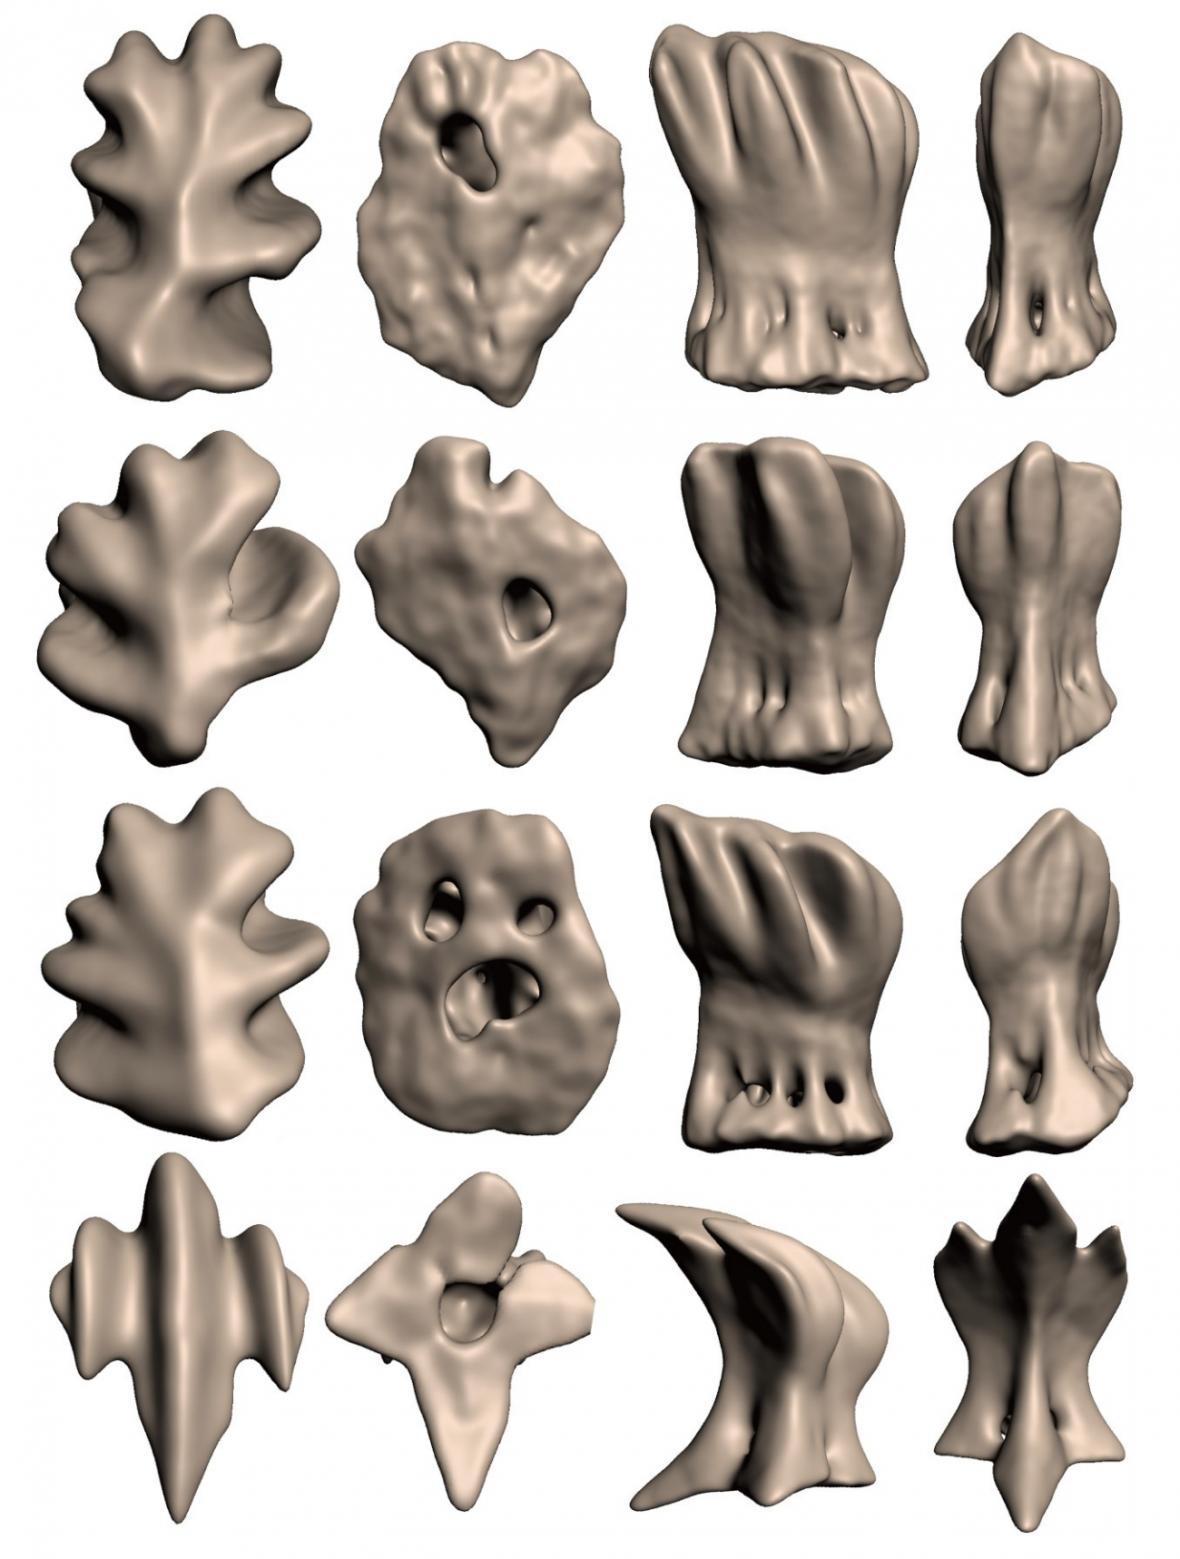 Čtyři rozdílné typy zubů ve žraločím oku z různých úhlů